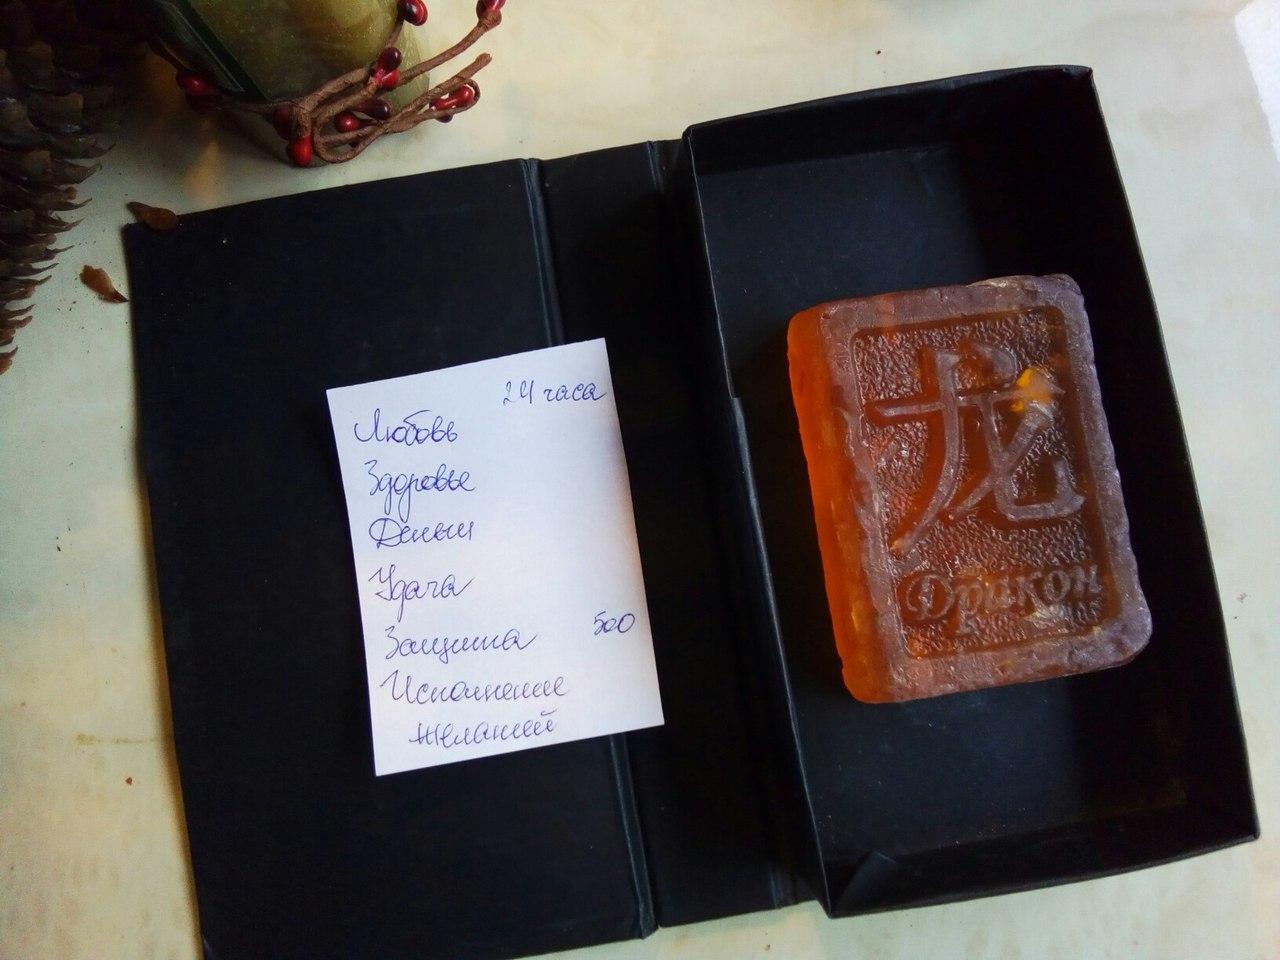 очарование - Программное мыло ручной работы от Елены Руденко - Страница 2 TPmBe-CnvoA